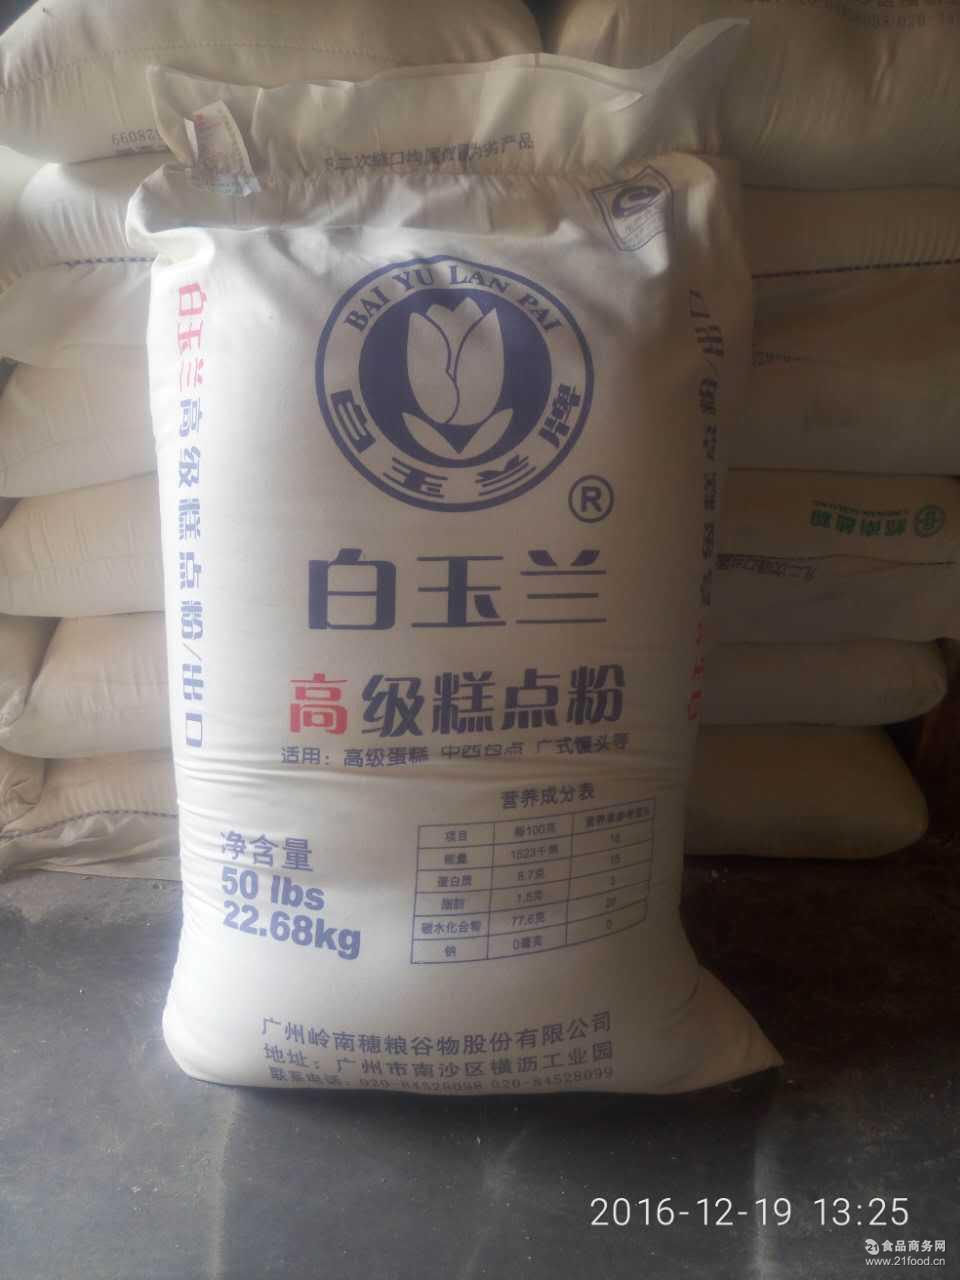 白玉兰*糕点粉22.68kg 包点蛋糕专用粉 南方面粉低筋面粉